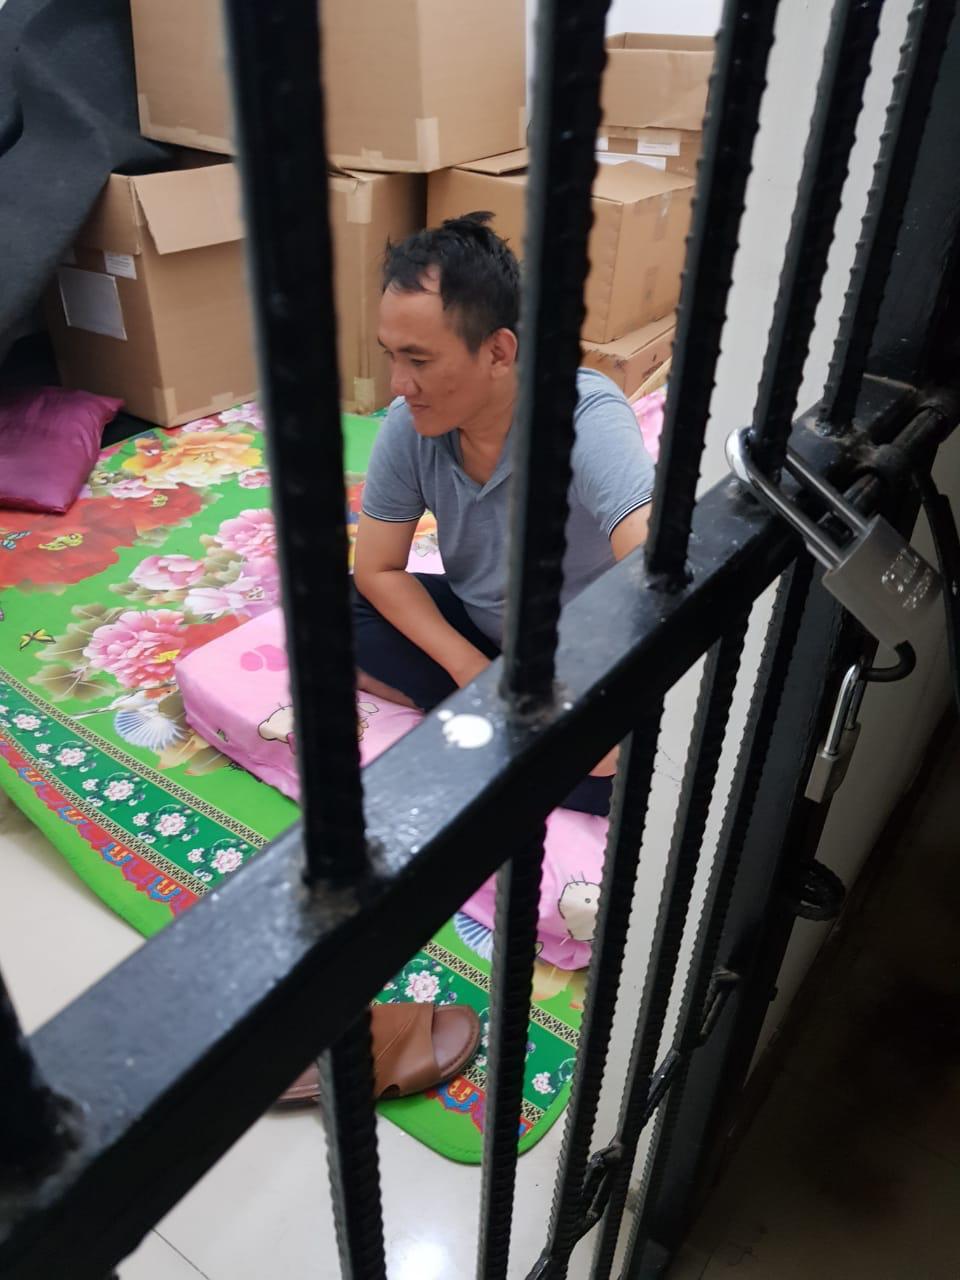 Beredar gambar seorang pria diduga Andie Arief (Politikus Demokrat) diamankan polisi terkait kasus narkoba